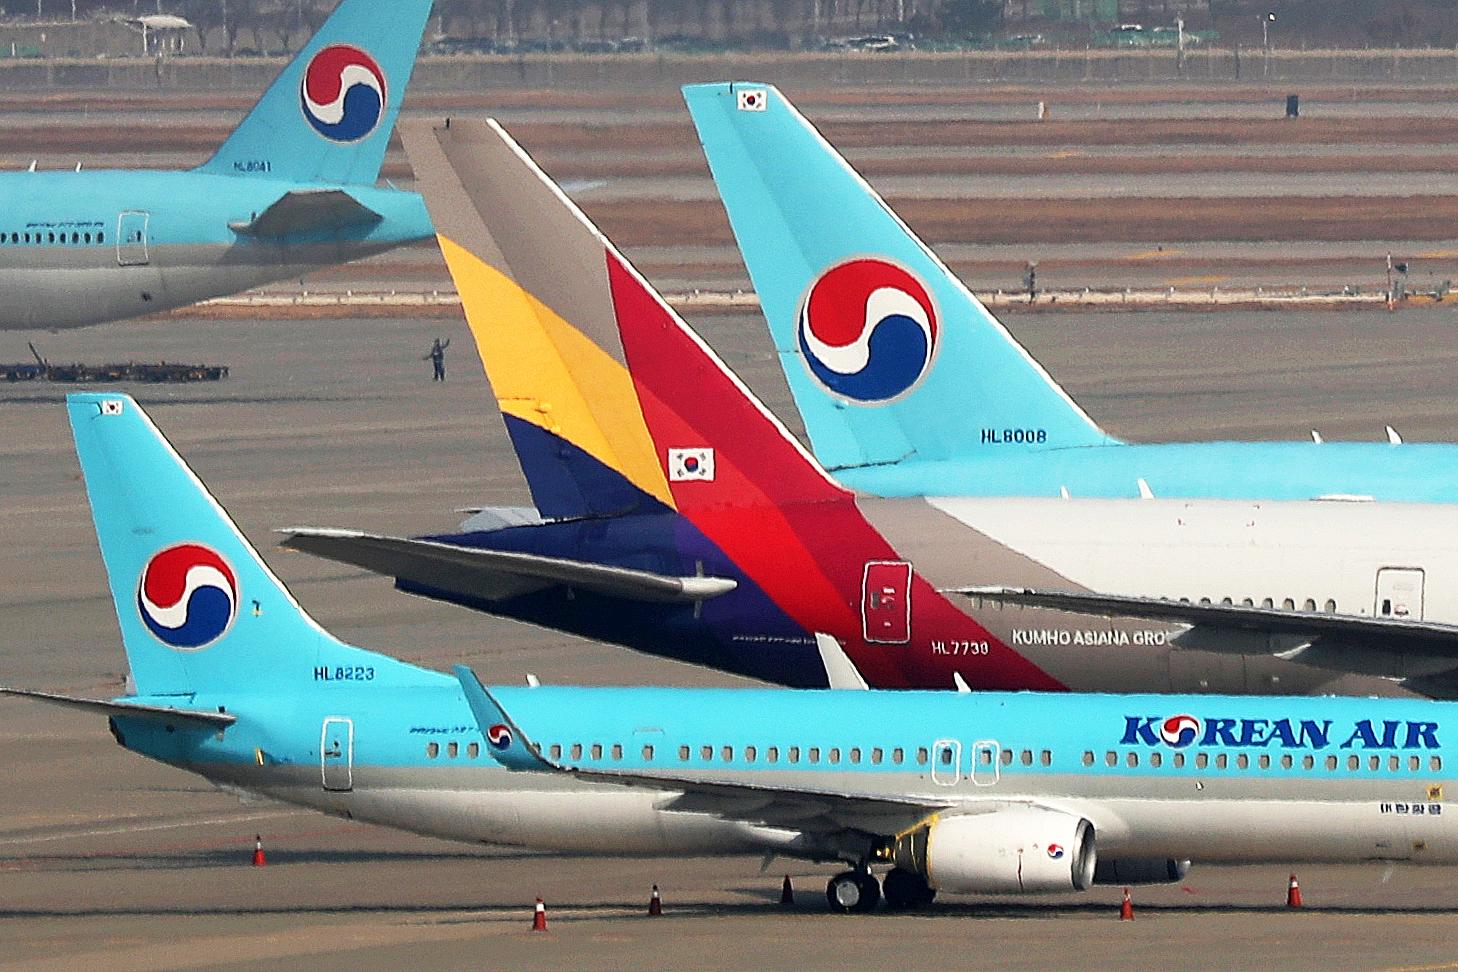 대한항공과 아시아나항공의 빅딜로 5개 항공사가 대한항공 계열이 된다. [뉴스 1]